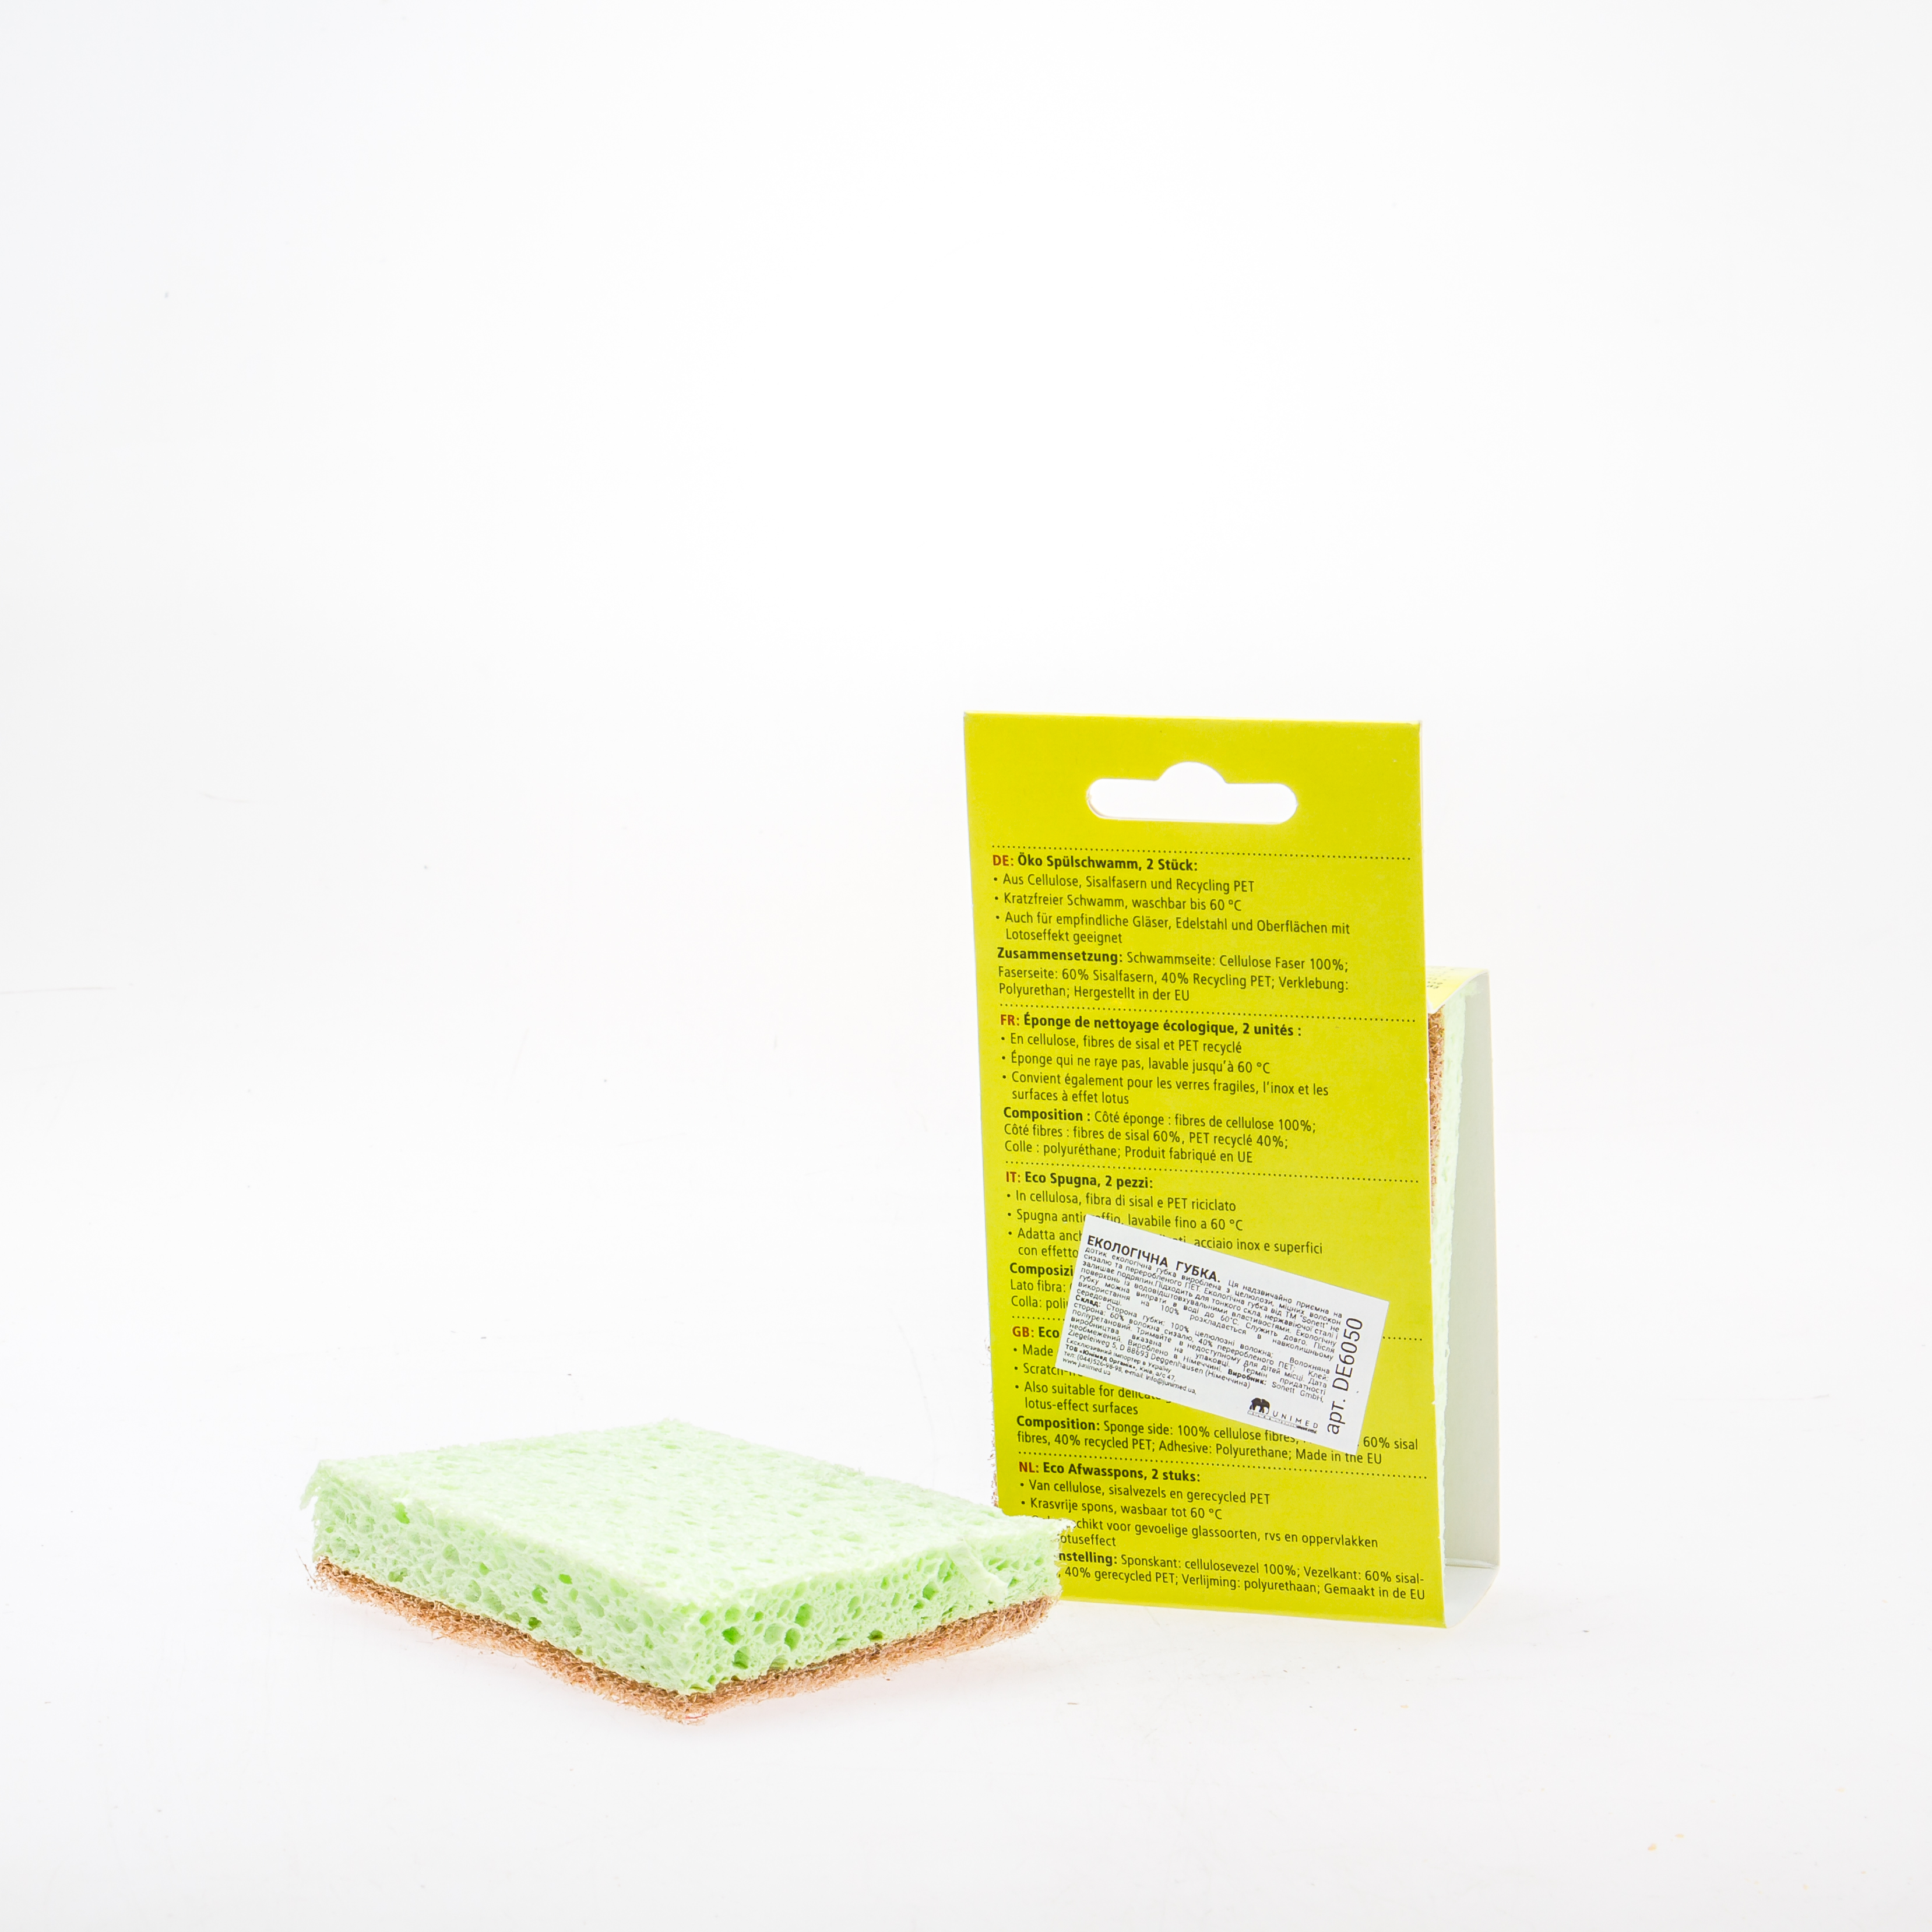 Sonett еко губка для миття посуду, 2 шт - купити в інтернет-магазині Юнимед